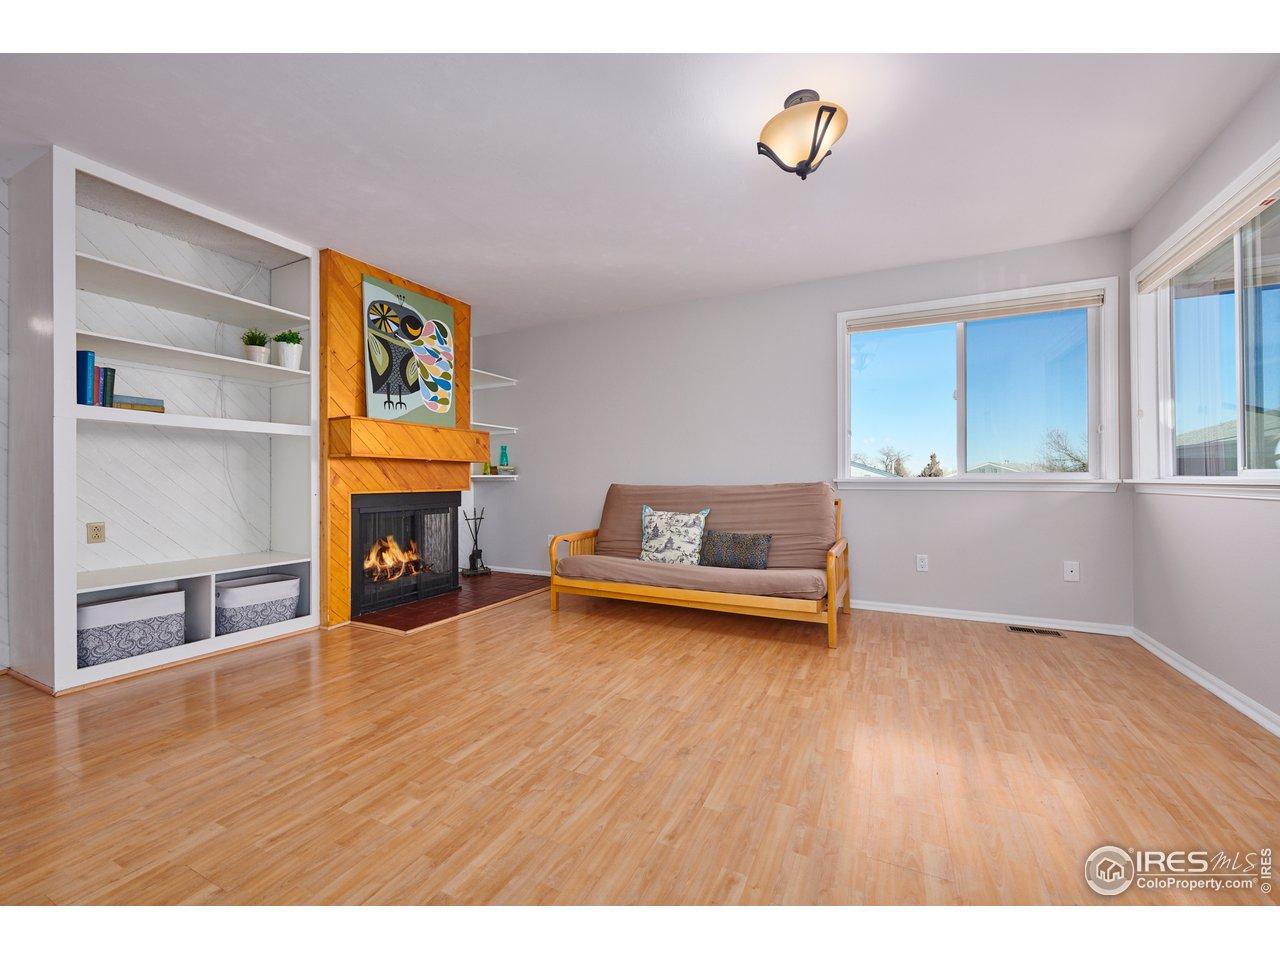 Updated laminate flooring